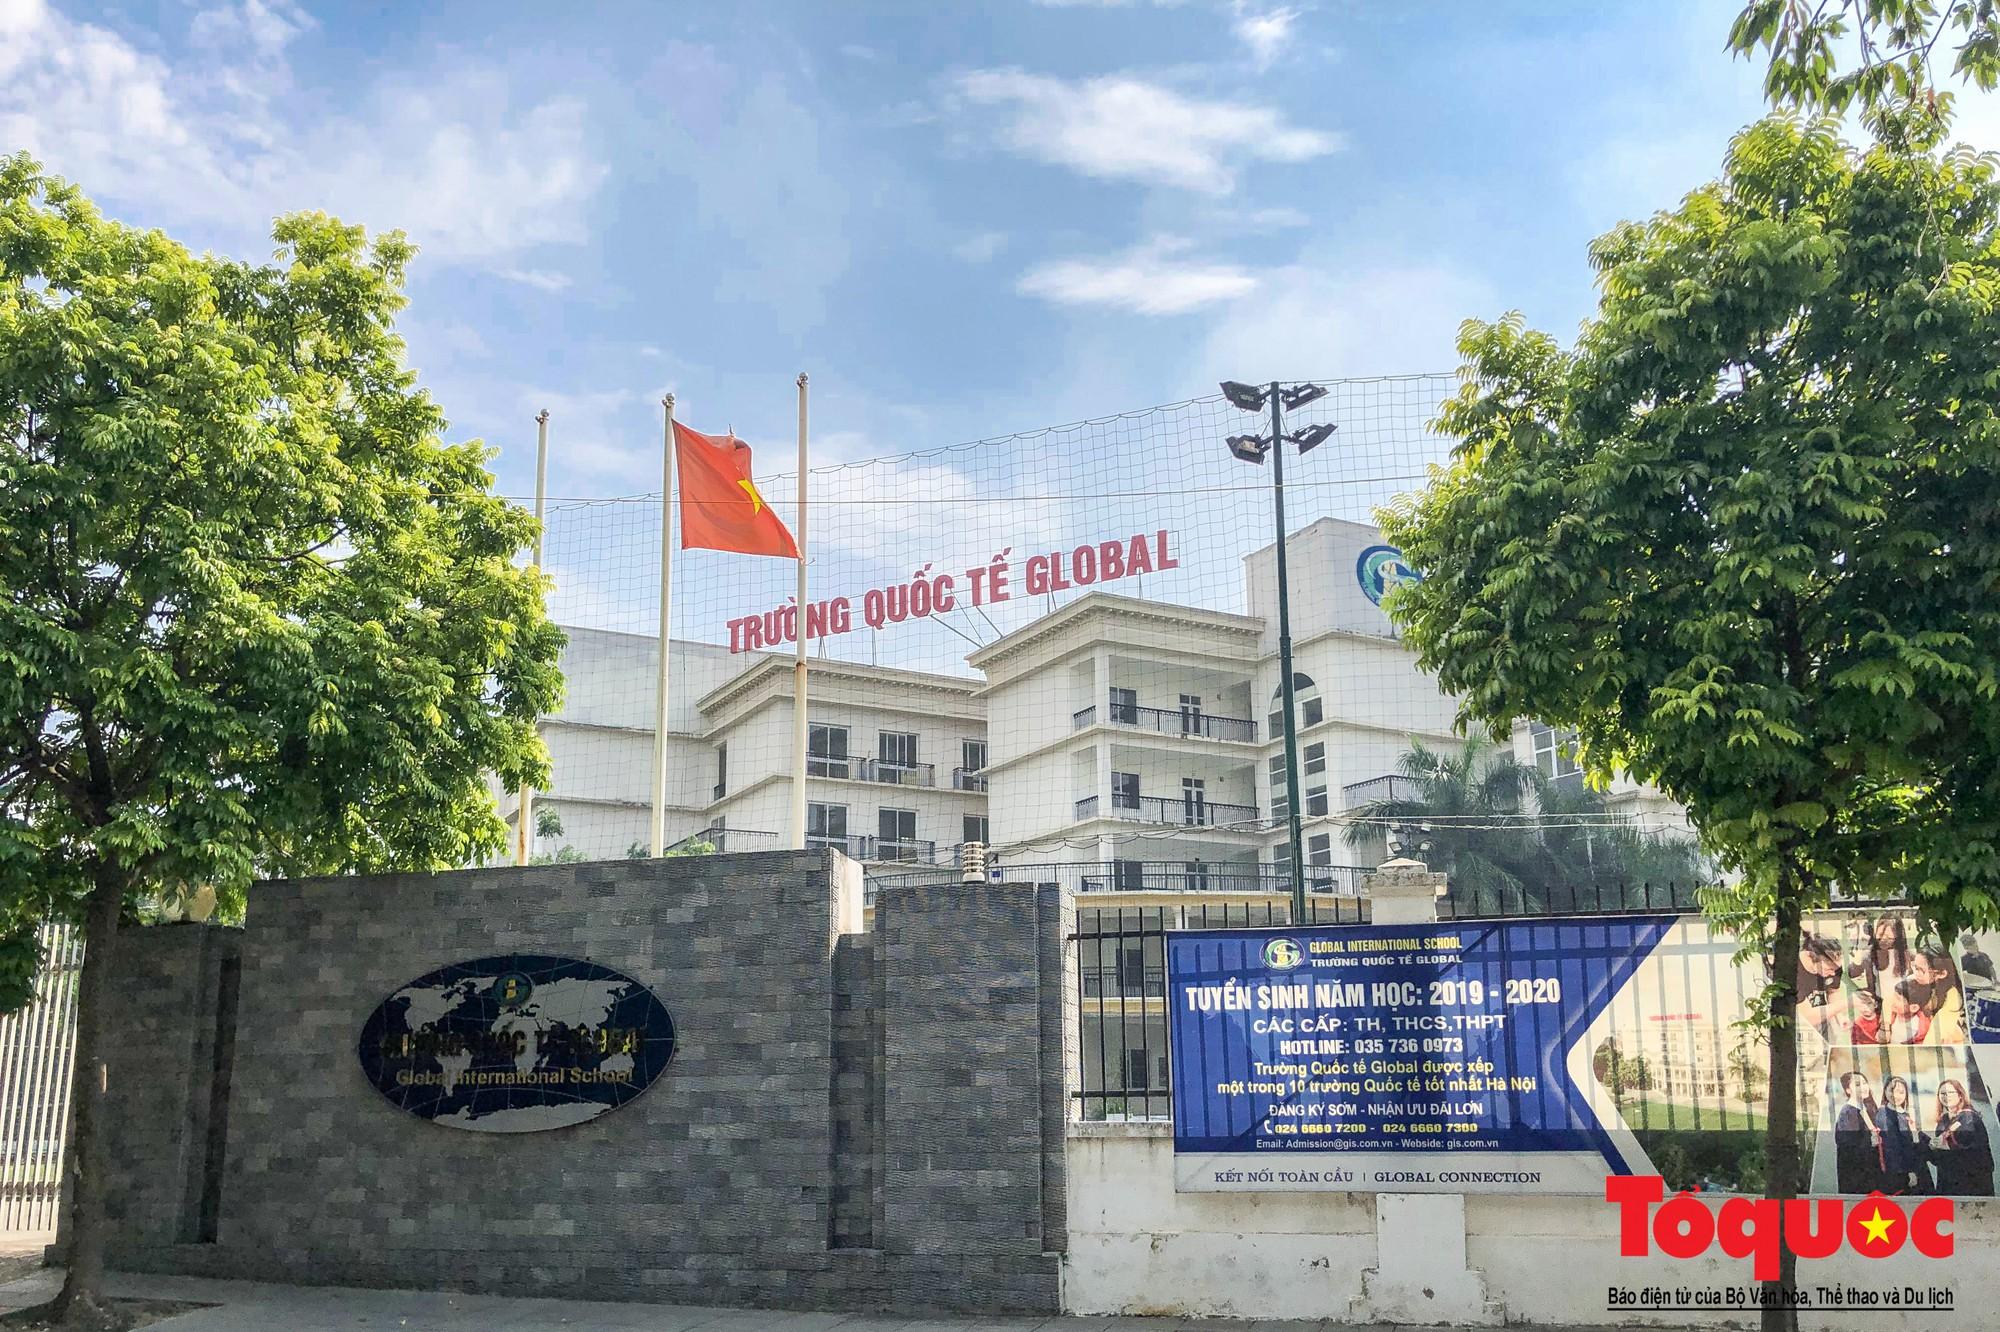 Loạn danh xưng trường quốc tế trên địa bàn quận Cầu Giấy (7)